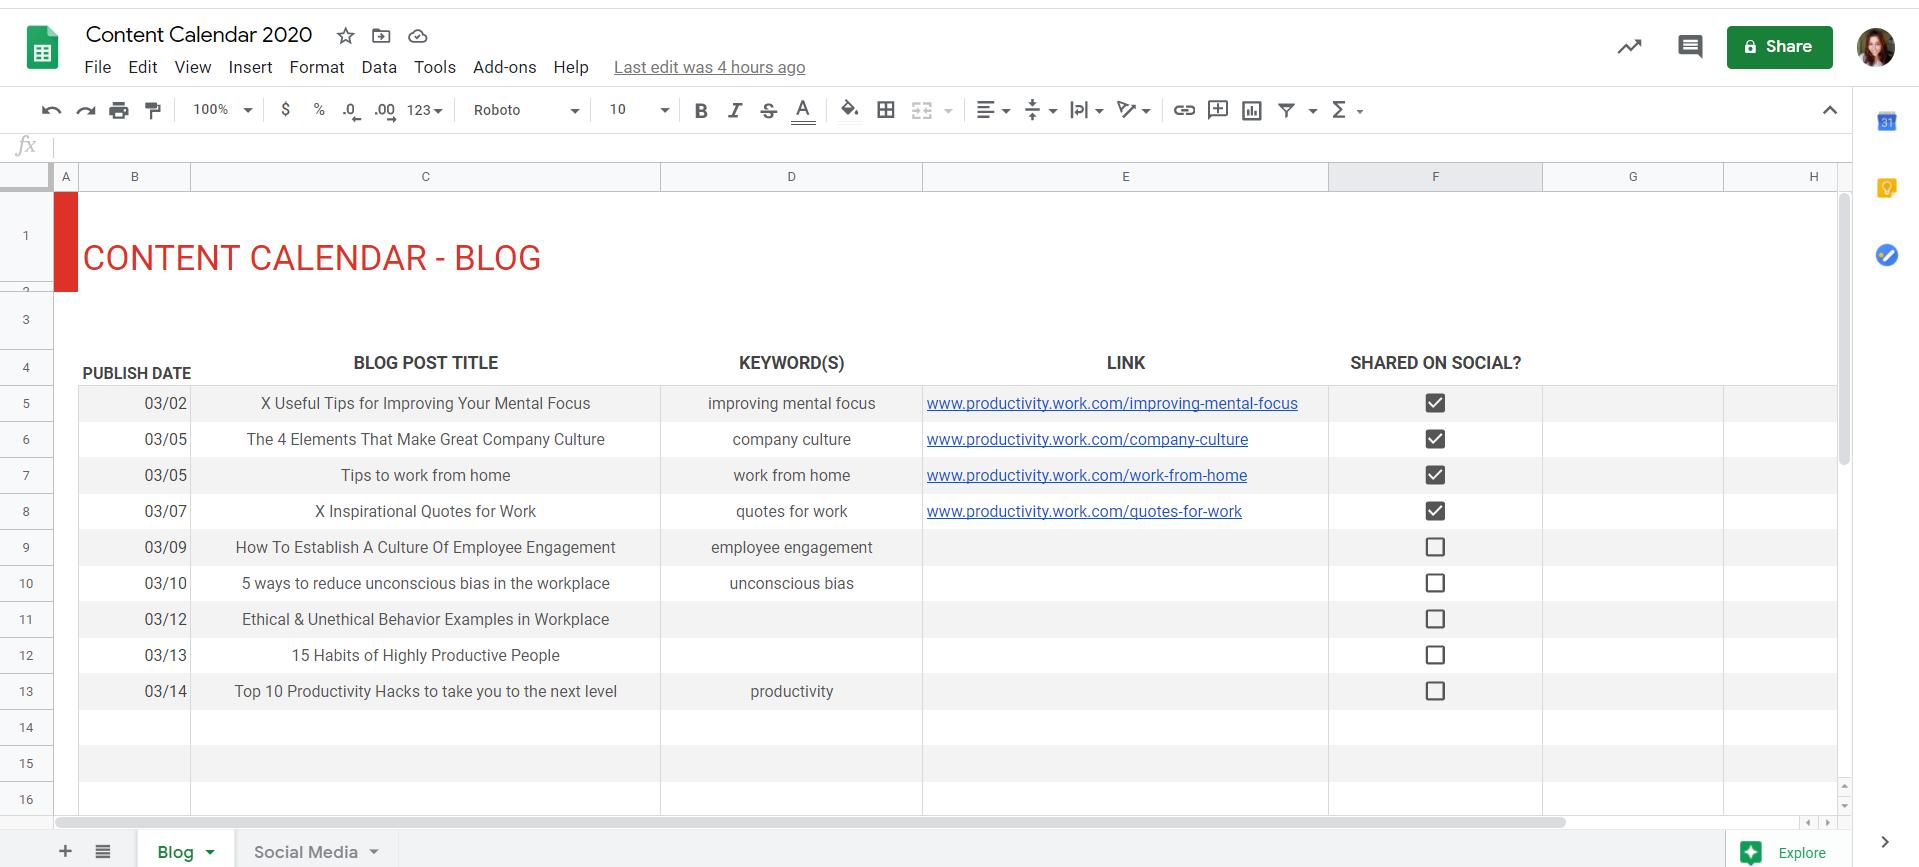 content calendar G Suite Google Sheets